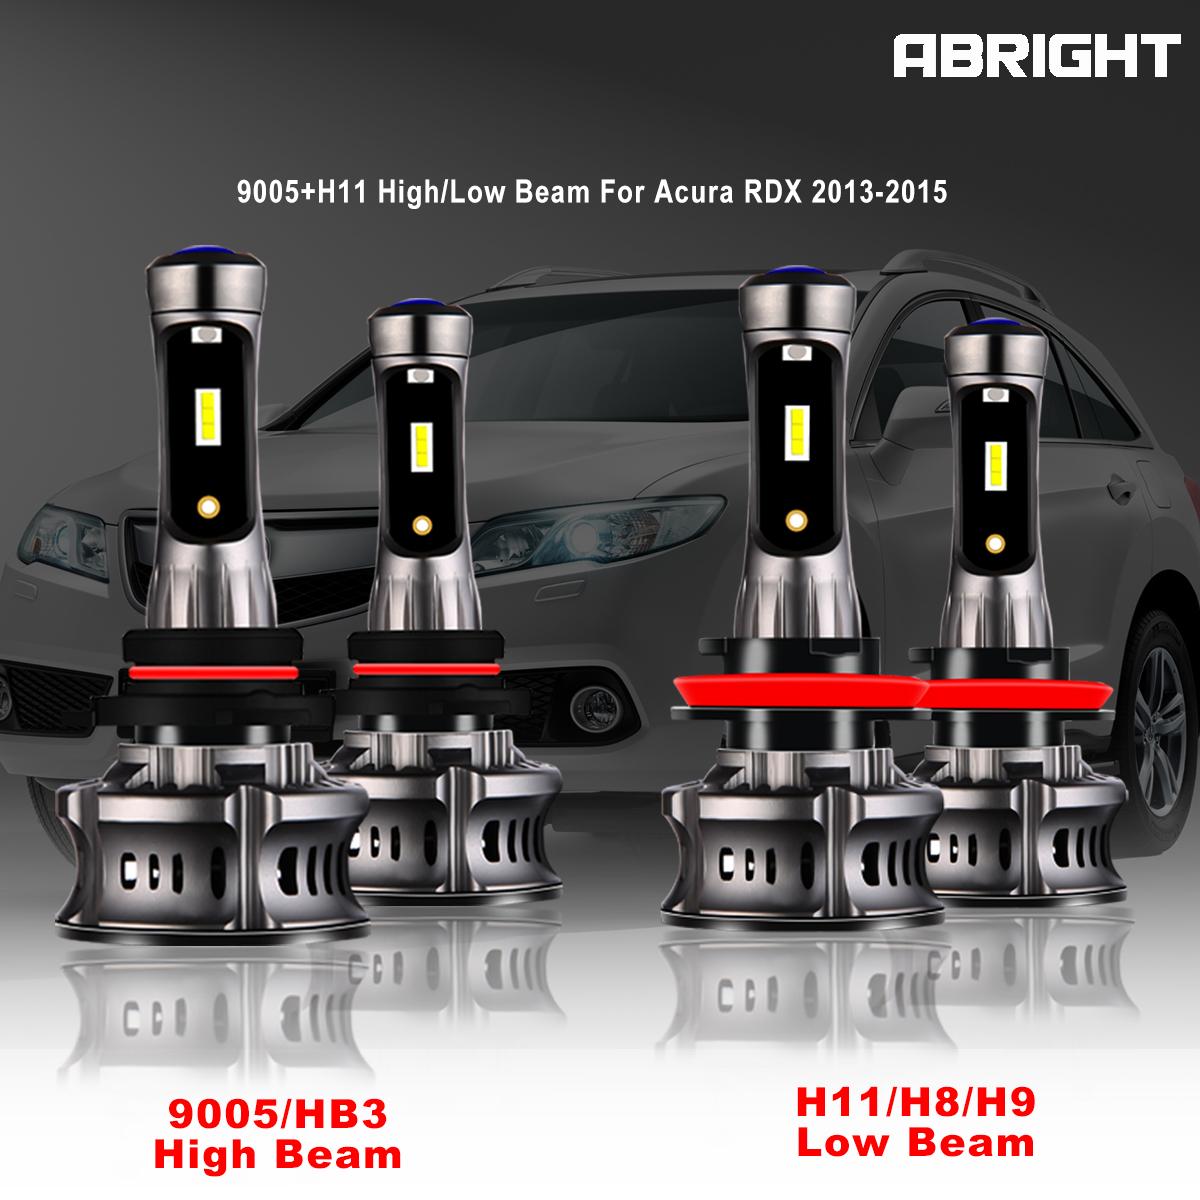 4pcs Kit H11 9005 LED Headlight For Acura RDX 2013-2015